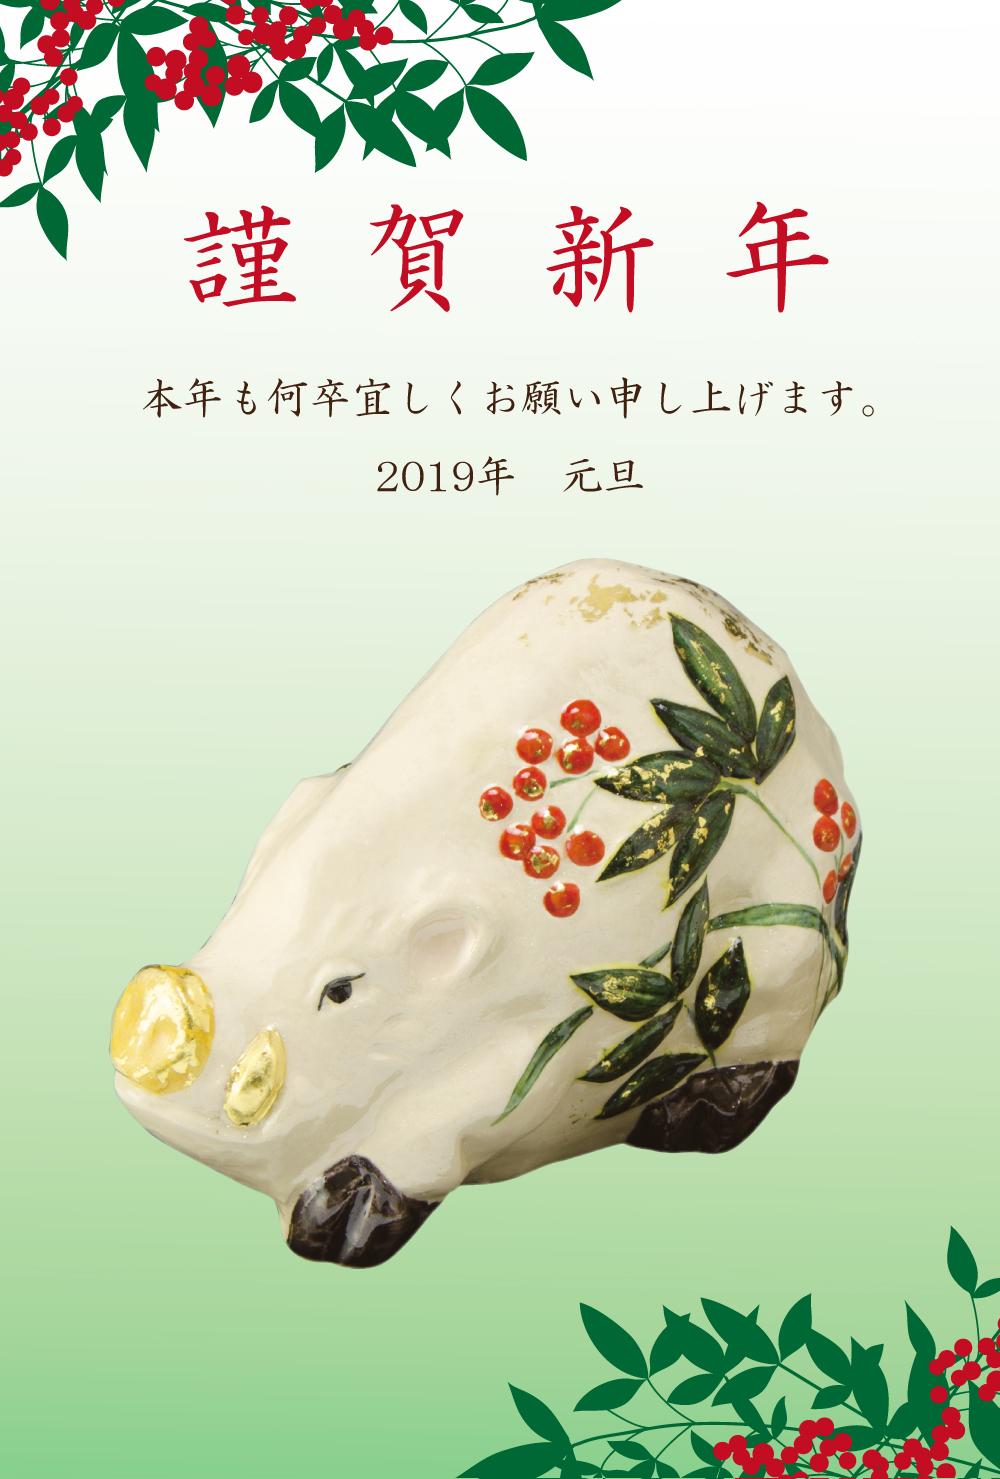 2018.洛中洛外年賀状 画像.jpg